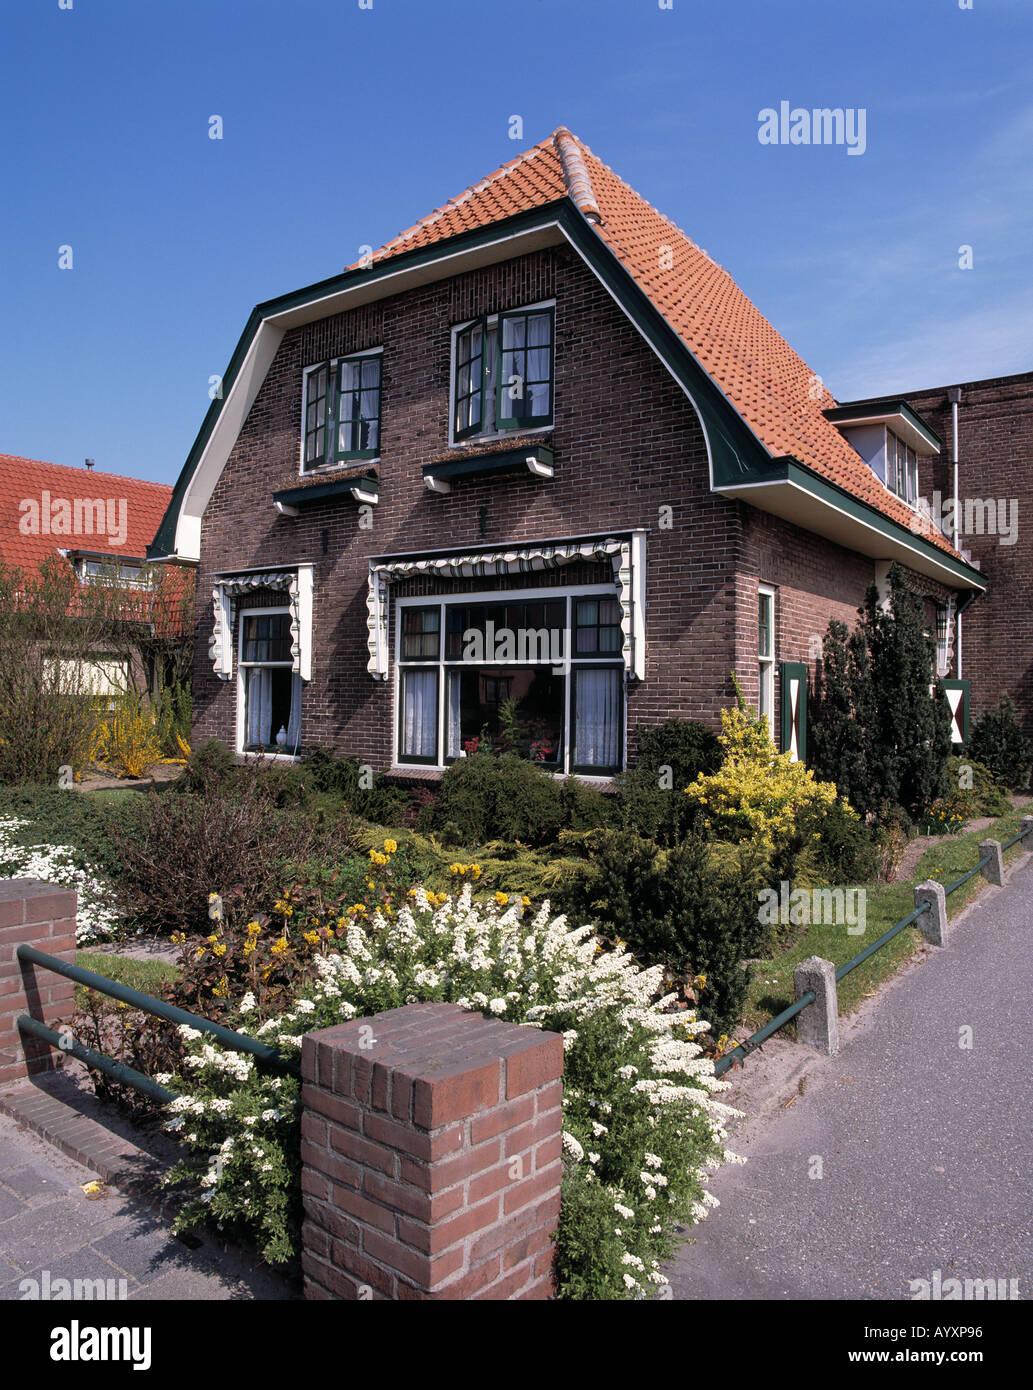 Einfamilienhaus mit Vorgarten, Rijnsburg, Suedholland, Niederlande Stock Photo